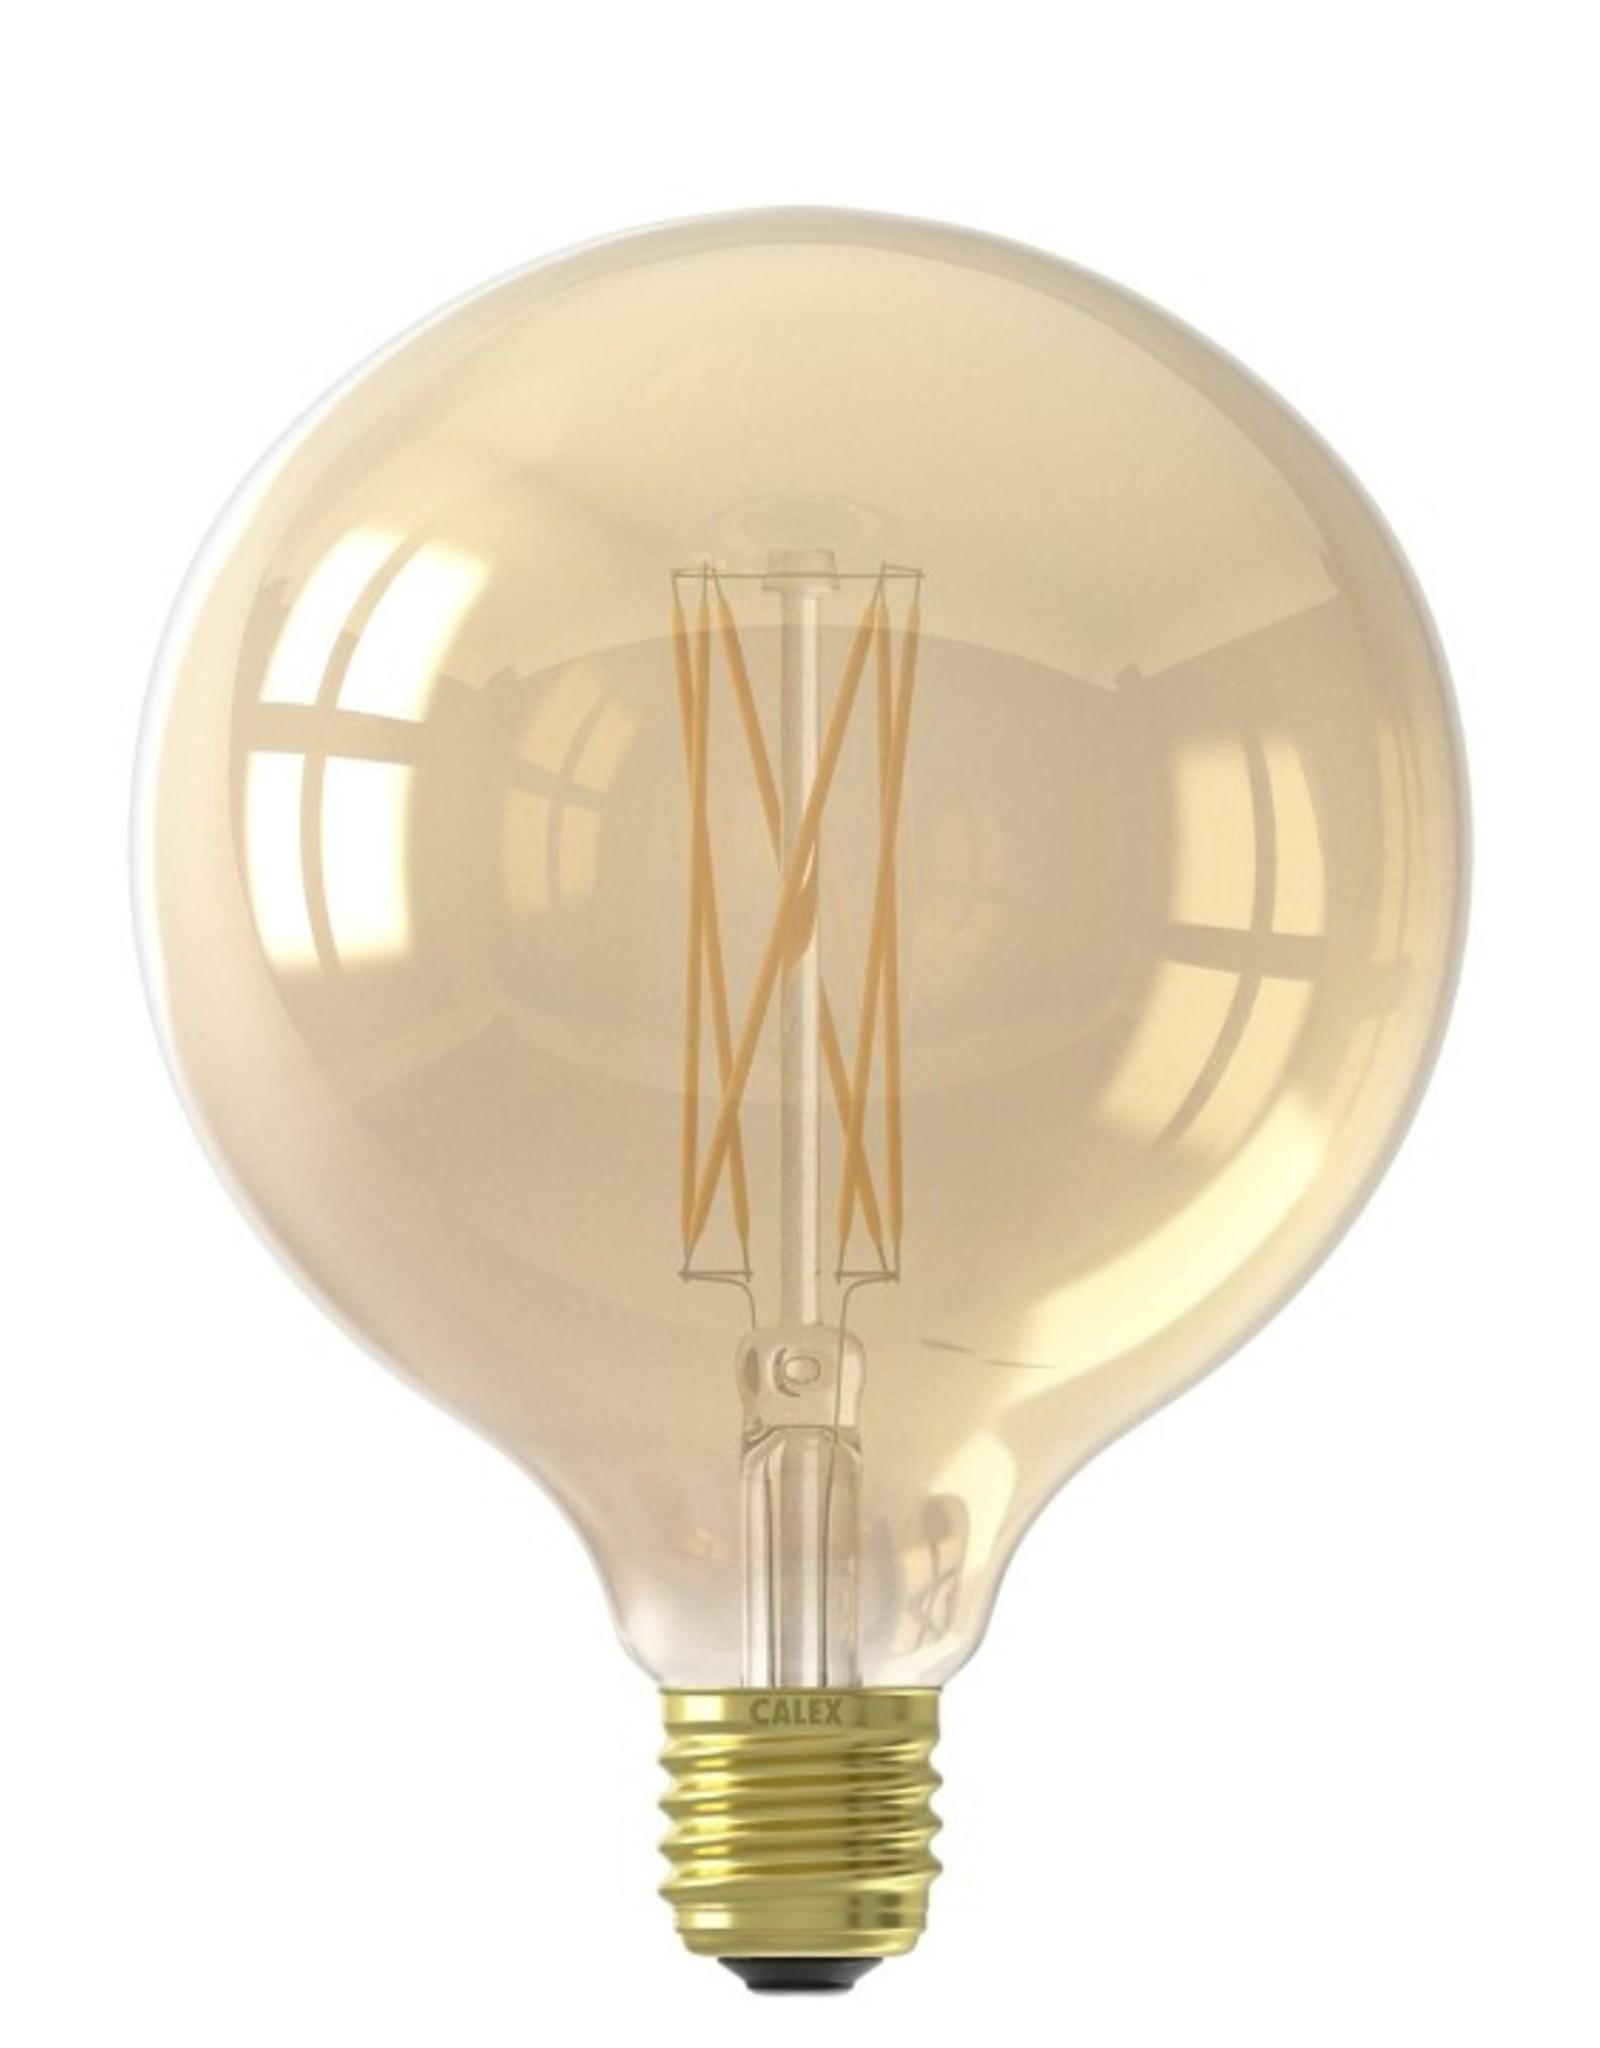 Calex LED 125mm 4W 230V E27 2100K Gold